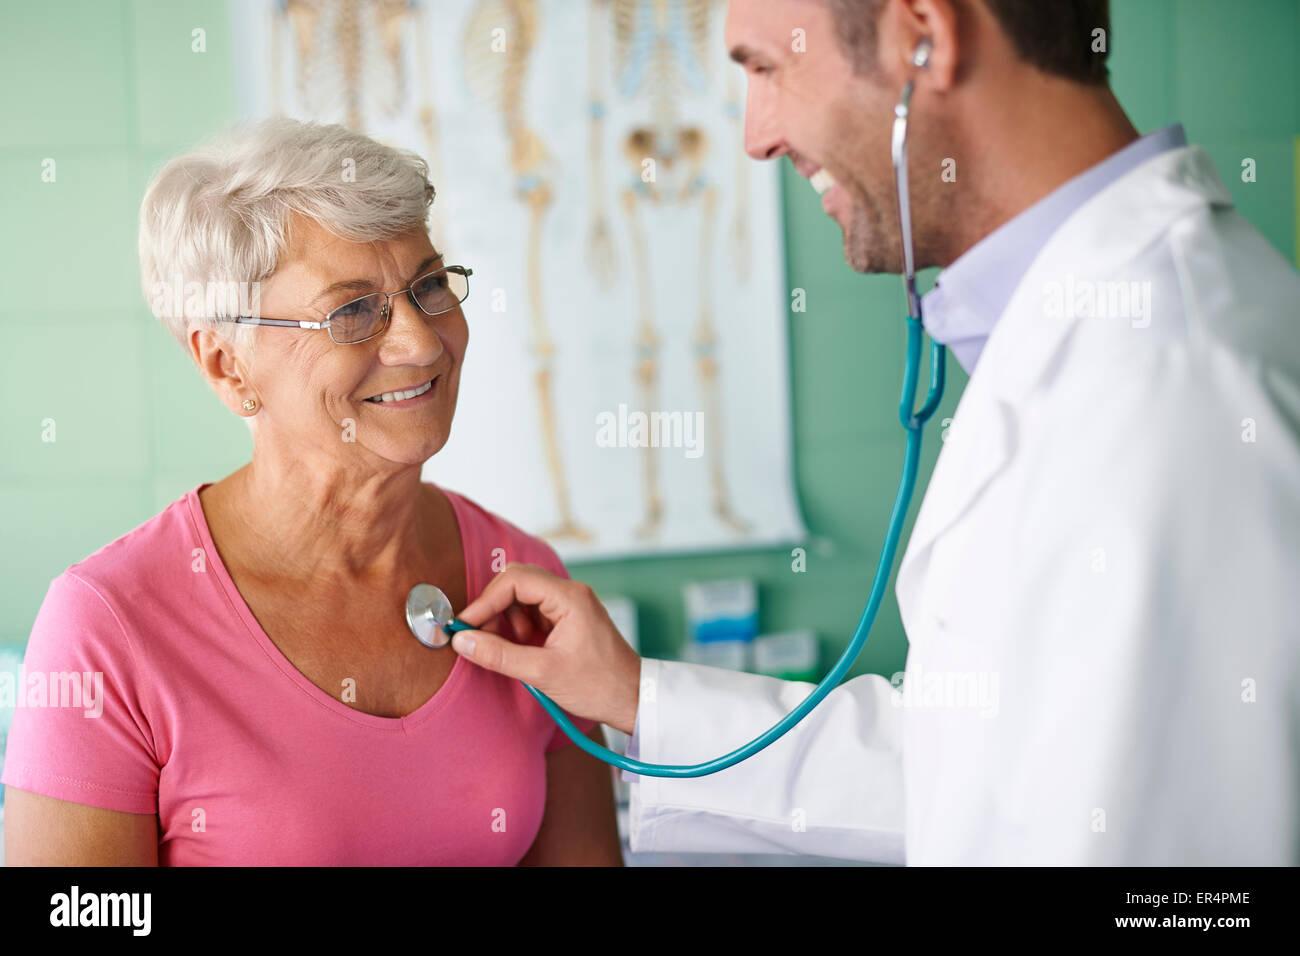 Visites en mon médecin ne sont pas désagréables. Debica, Pologne Photo Stock